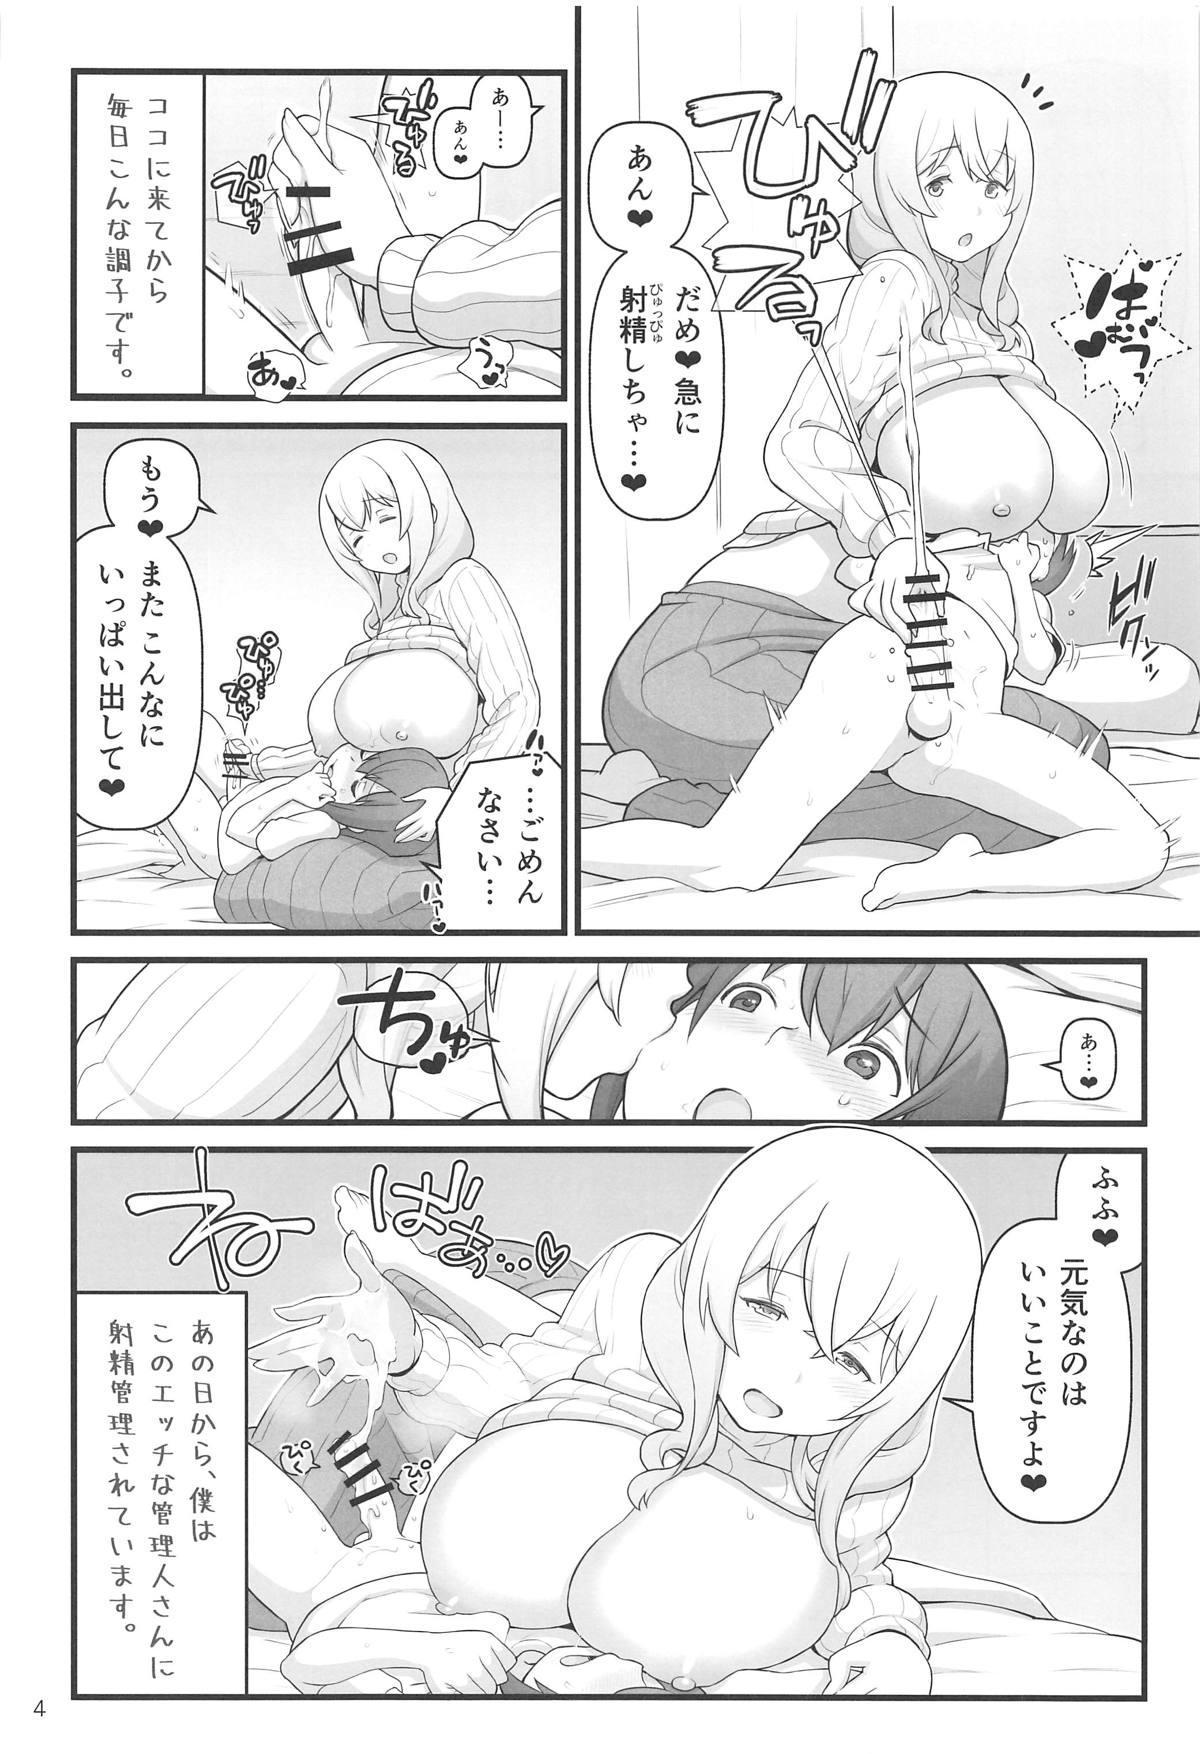 Akkun no Nikkichou 3